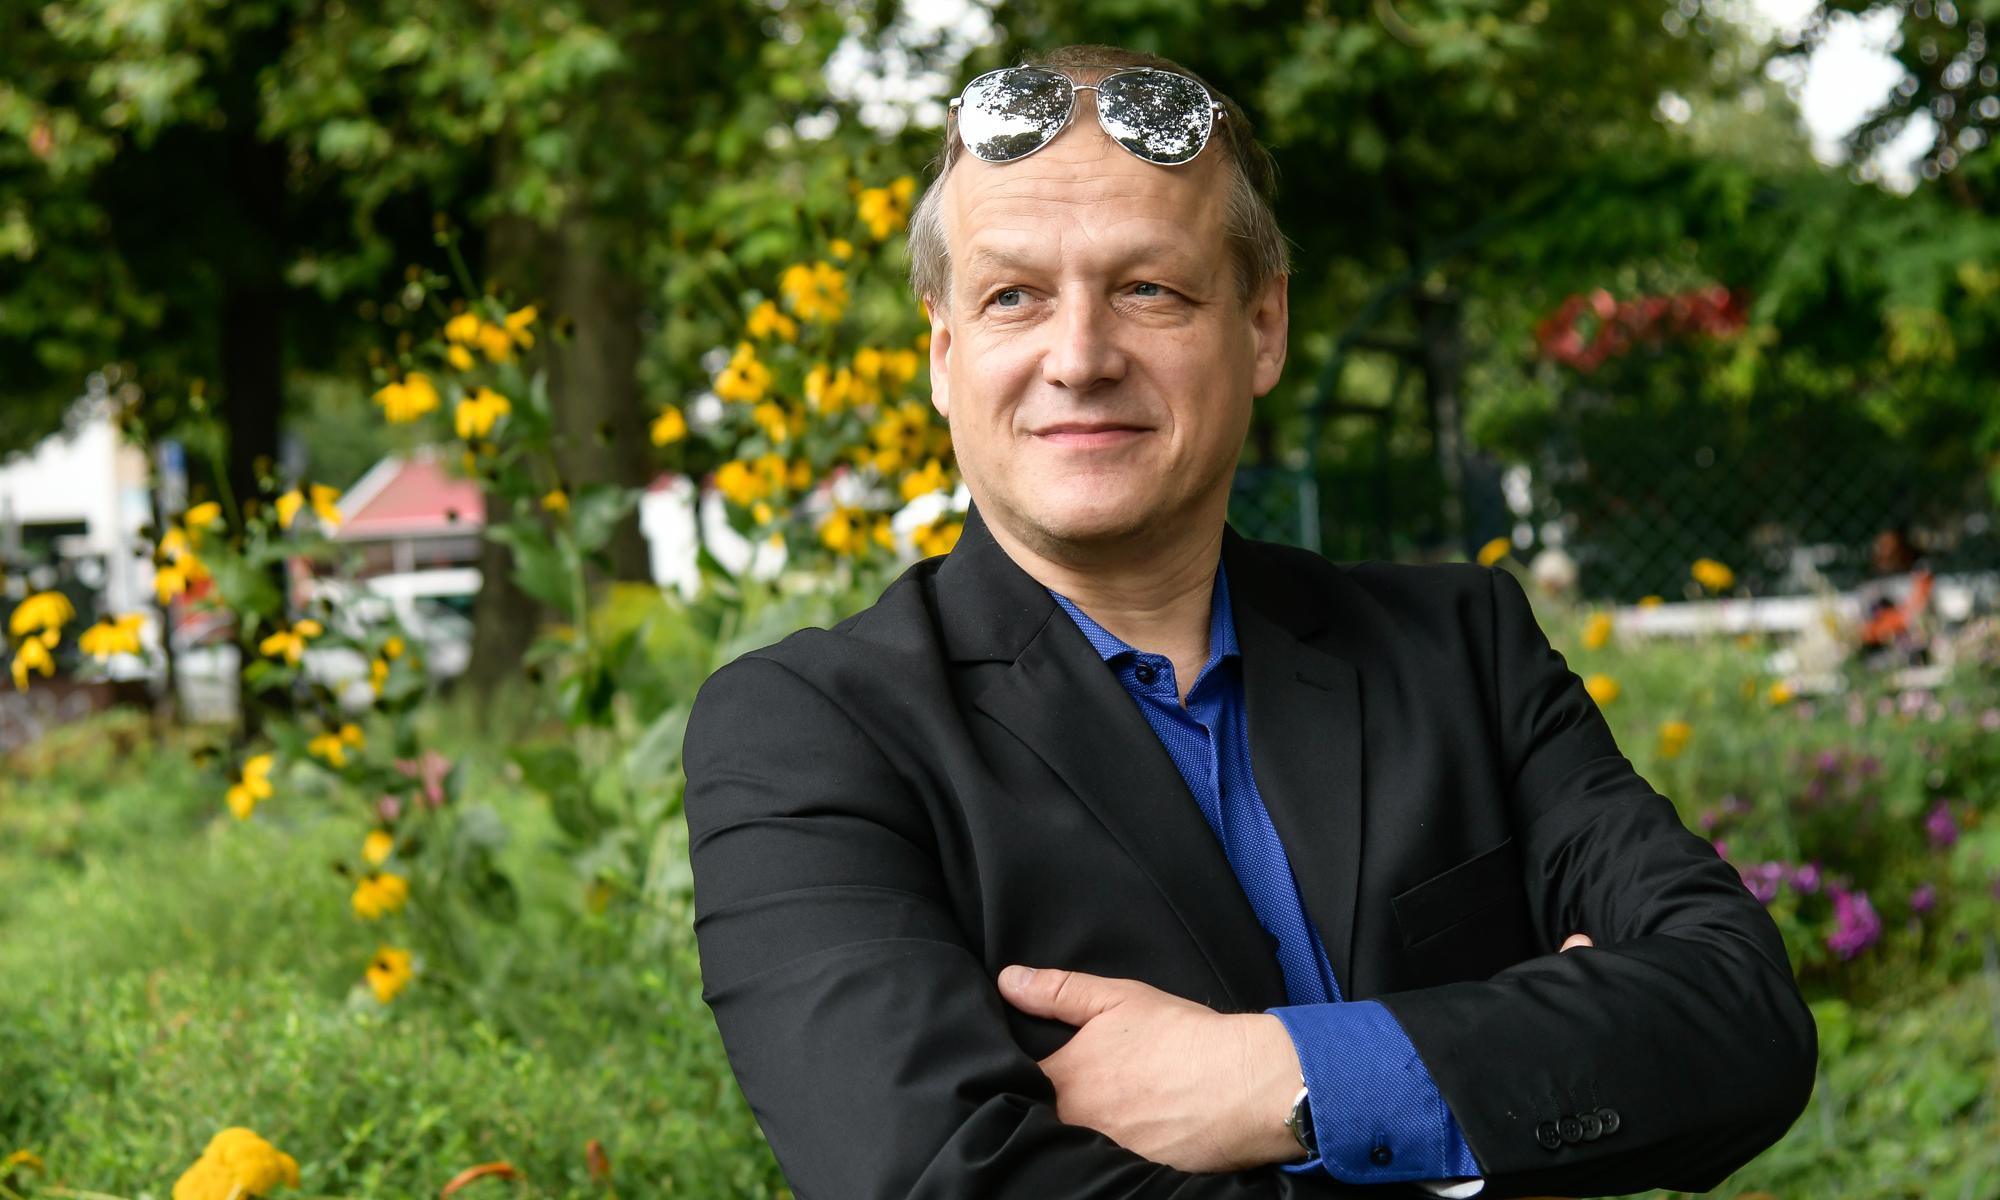 Photo: Jörg Krauthöfer